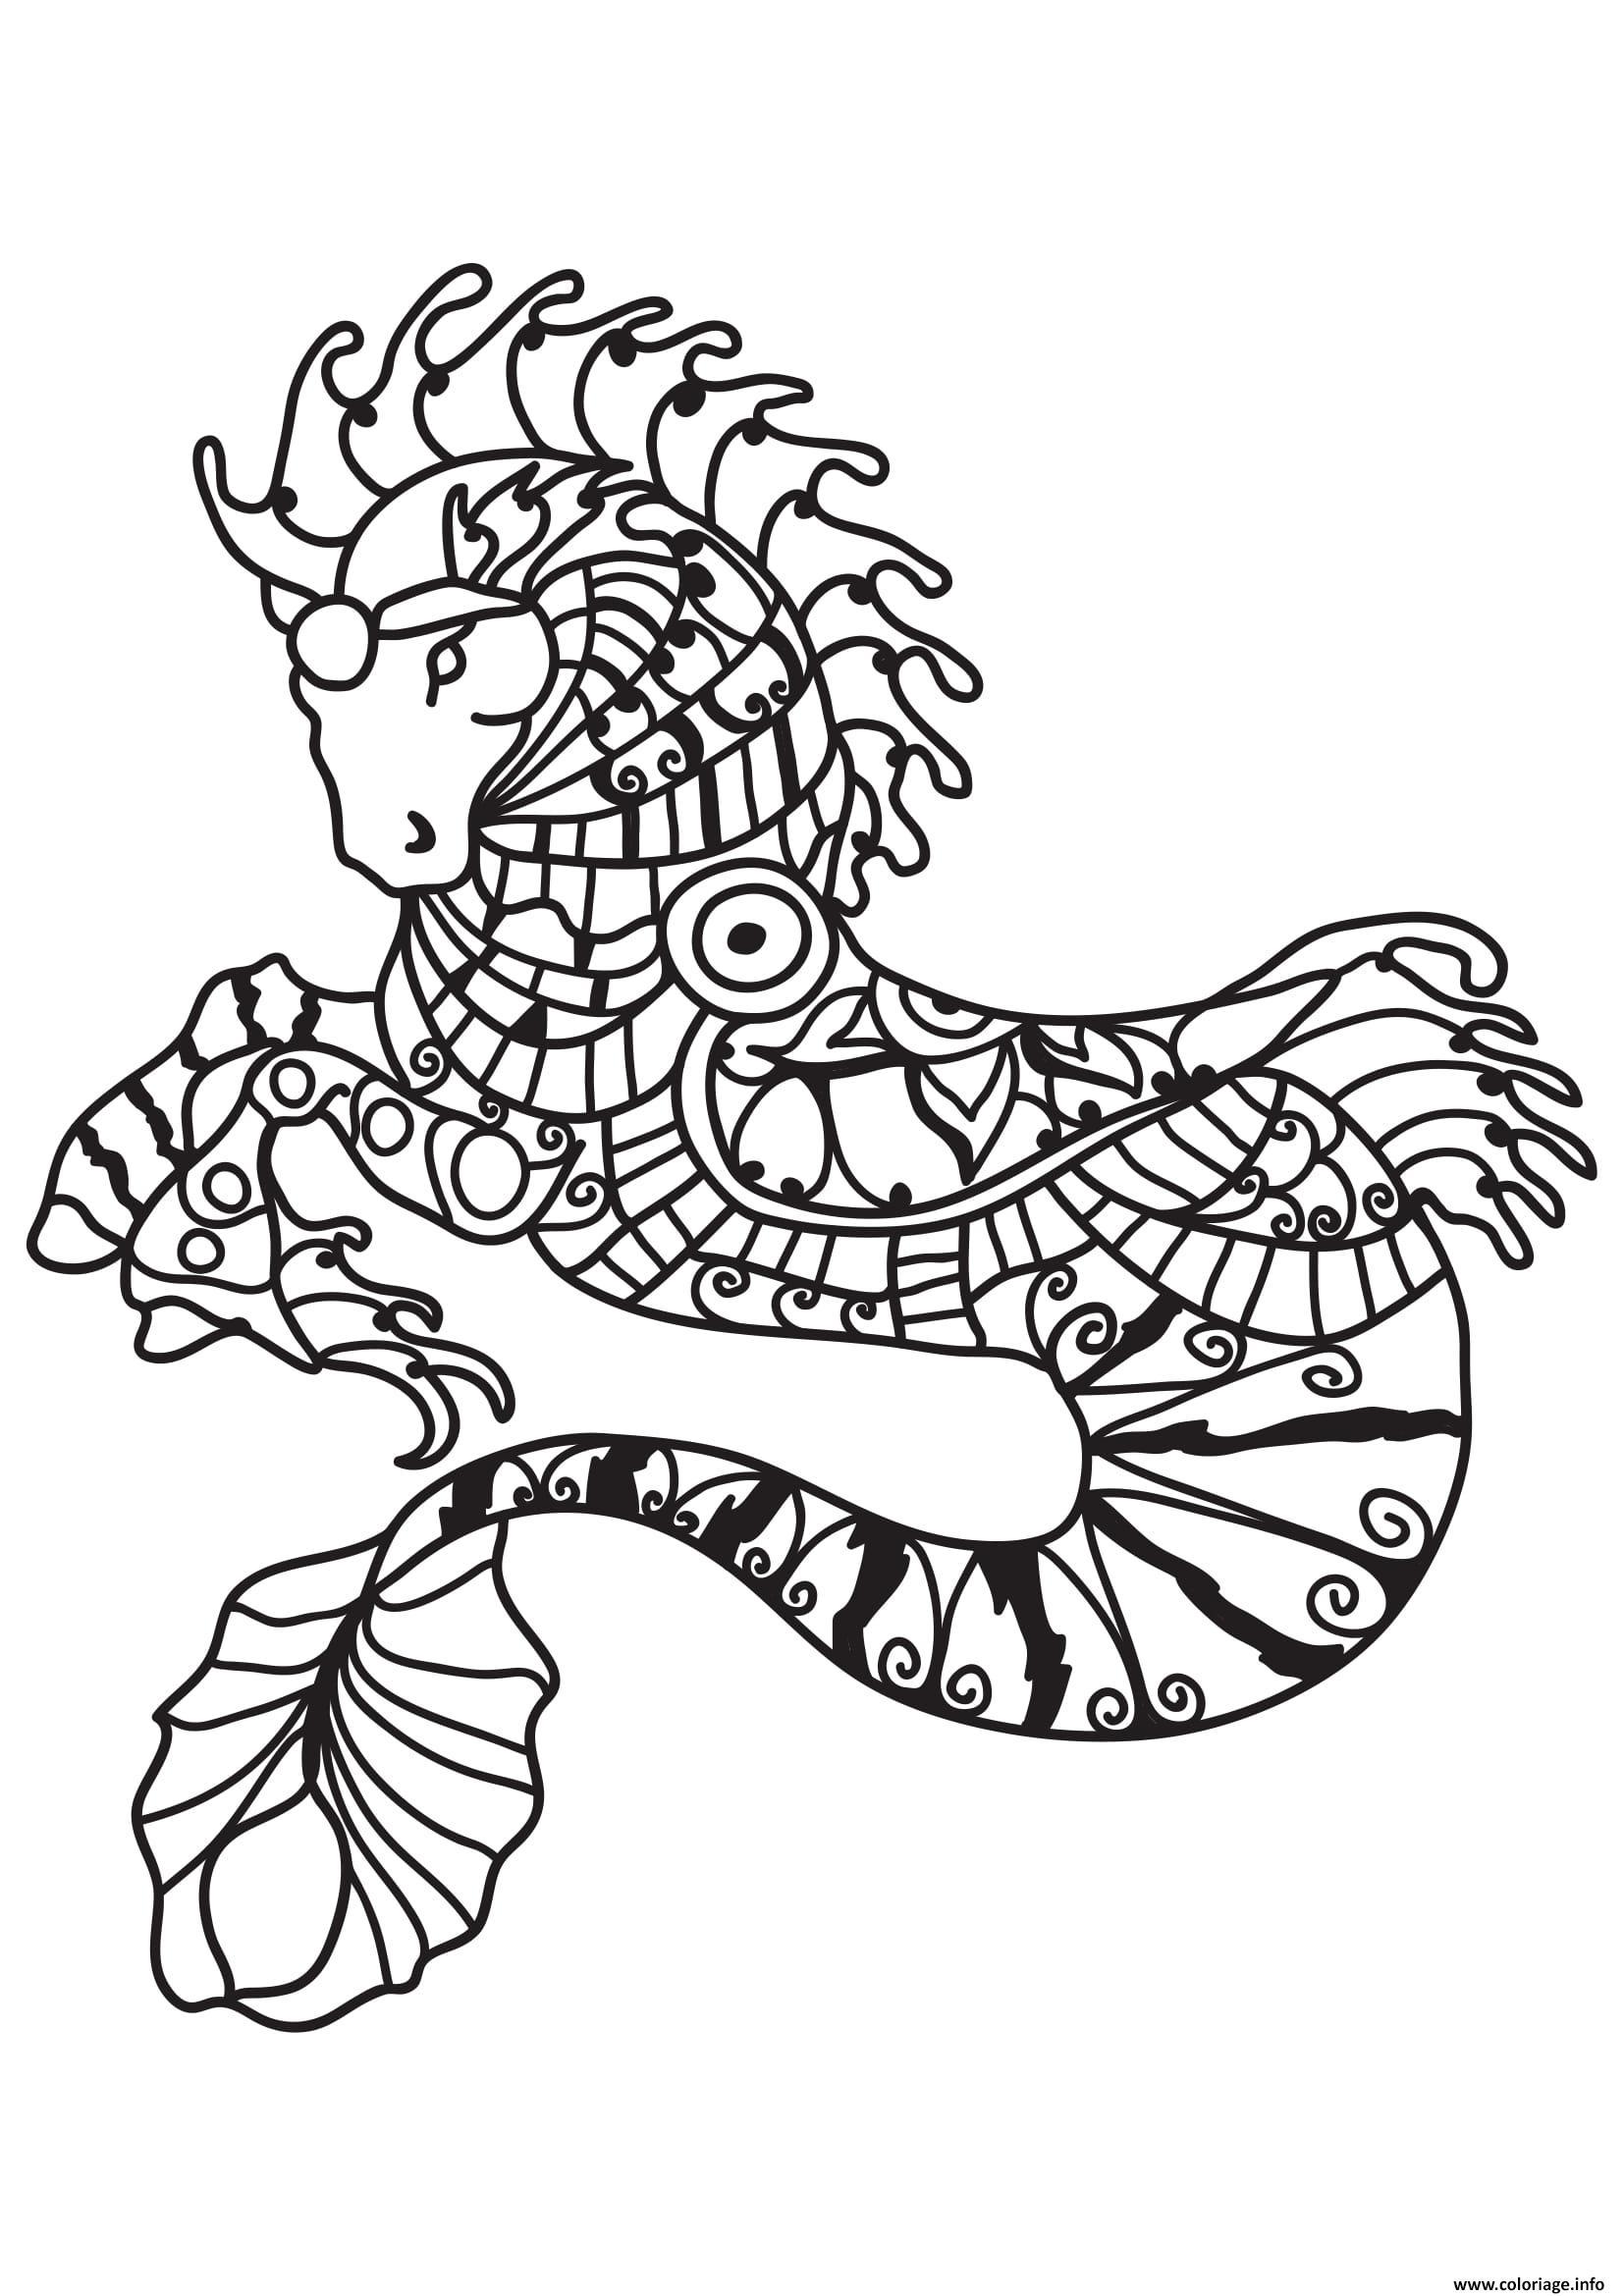 Dessin adulte cheval sirene Coloriage Gratuit à Imprimer